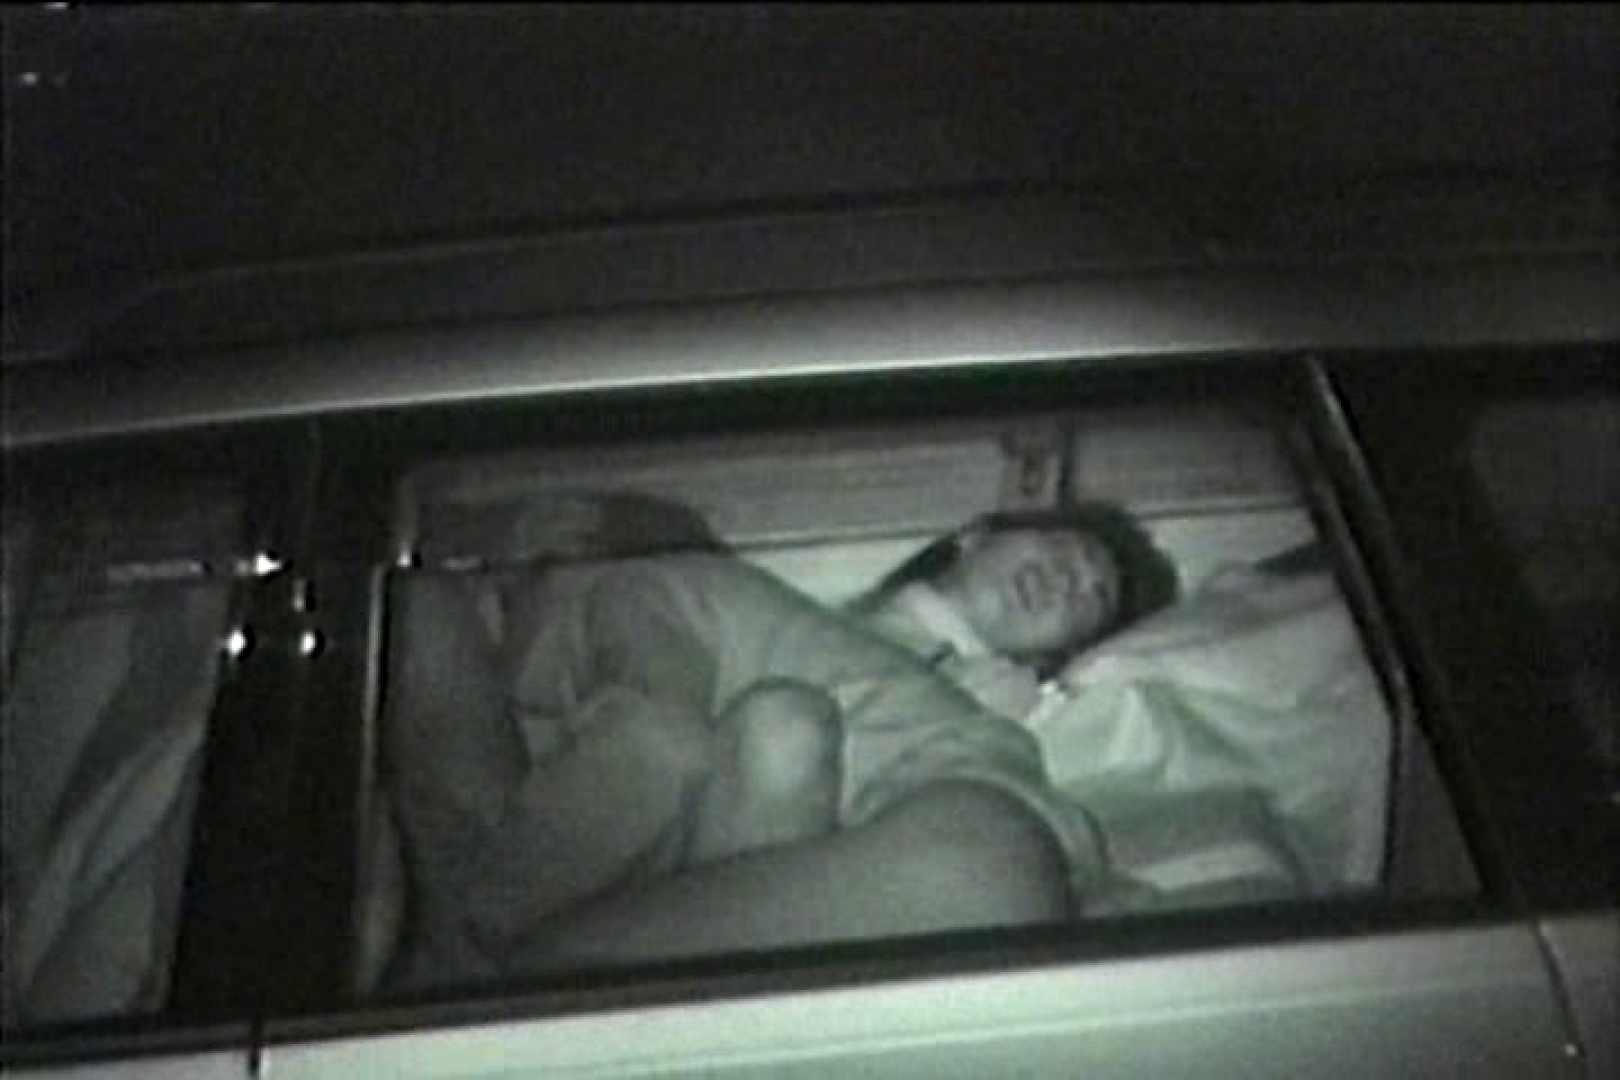 車の中はラブホテル 無修正版  Vol.7 接写 SEX無修正画像 60連発 43